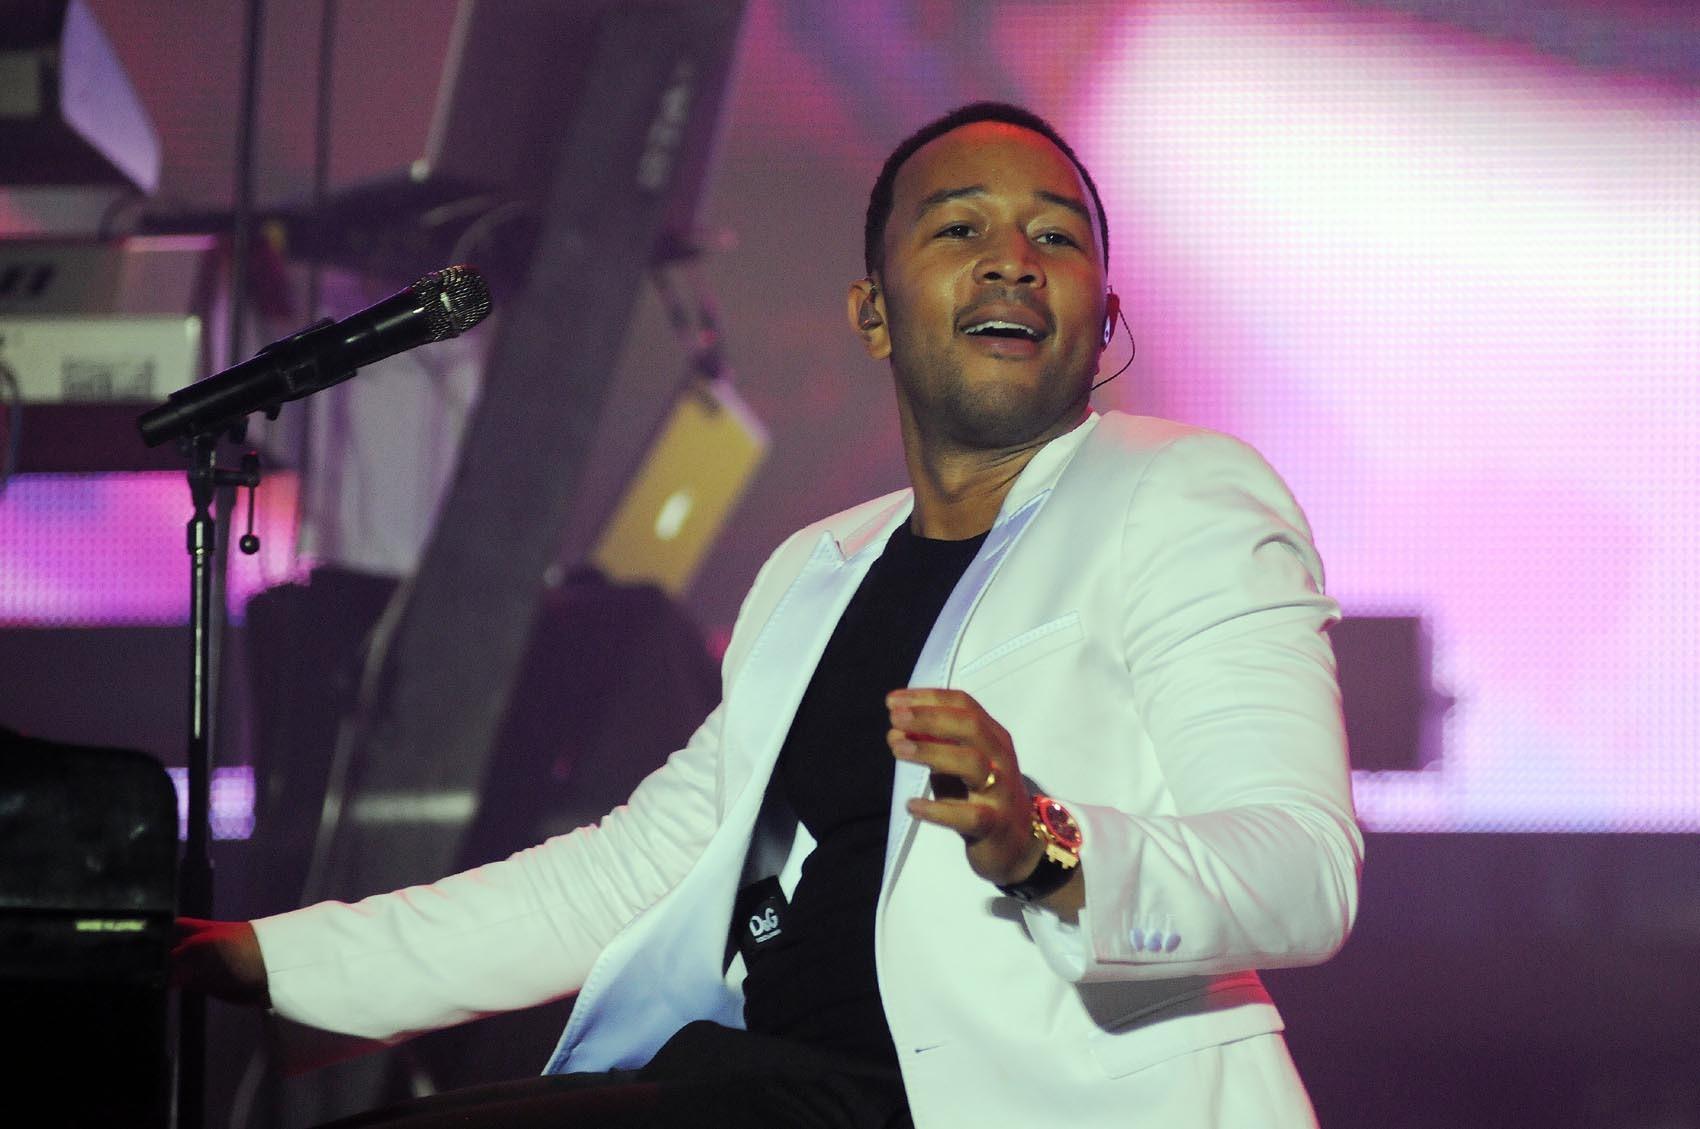 John Legend é eleito o homem mais sexy do mundo pela revista 'People' - Notícias - Plantão Diário